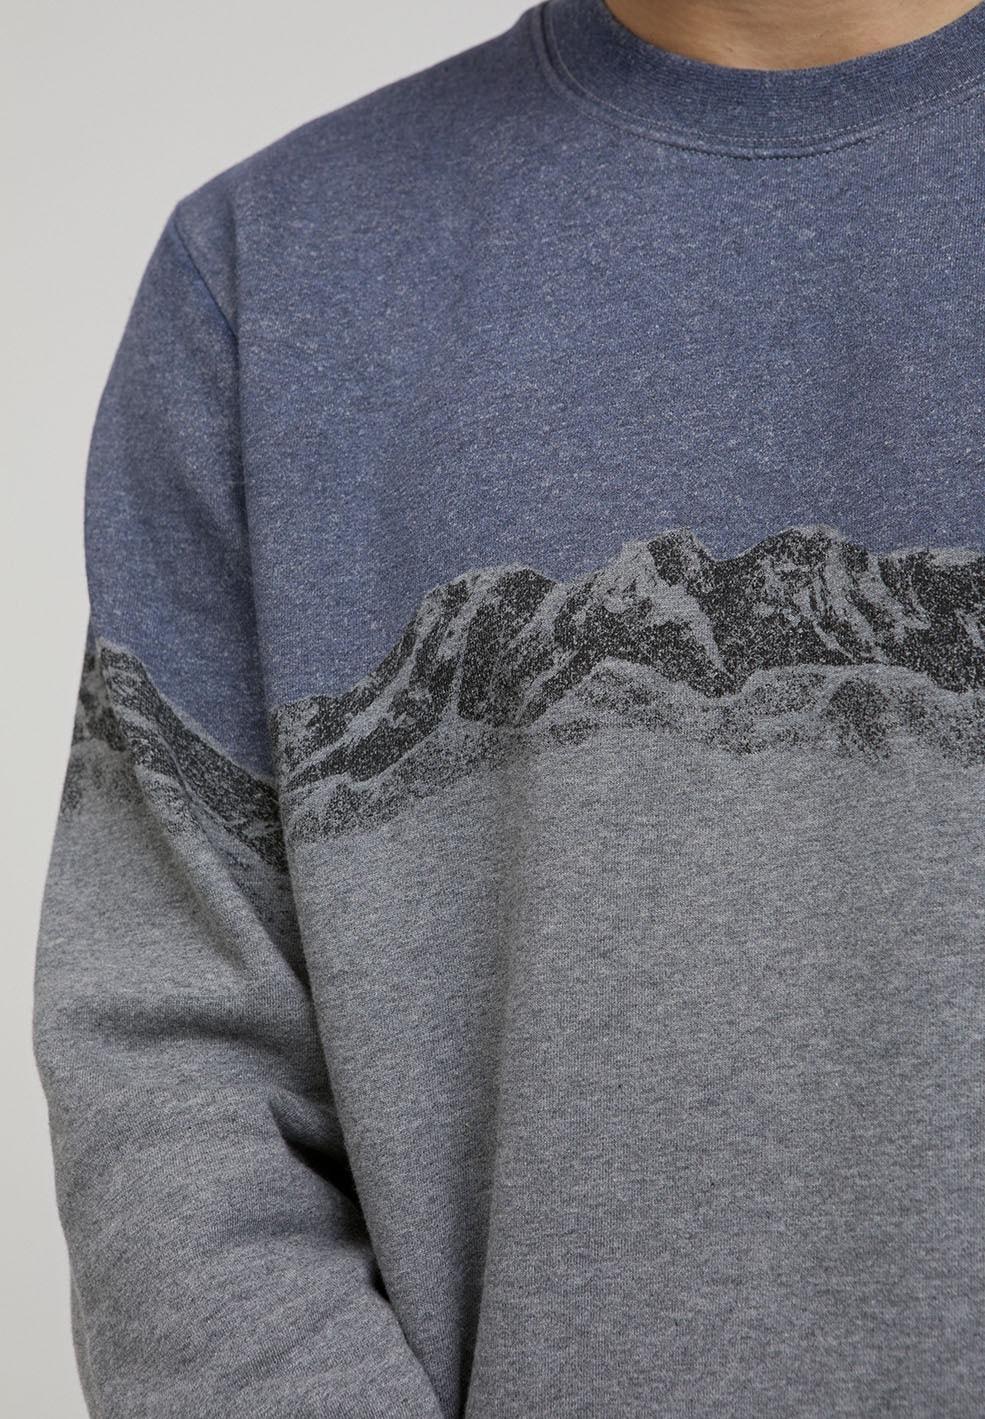 YAARICK MOUNTAINS